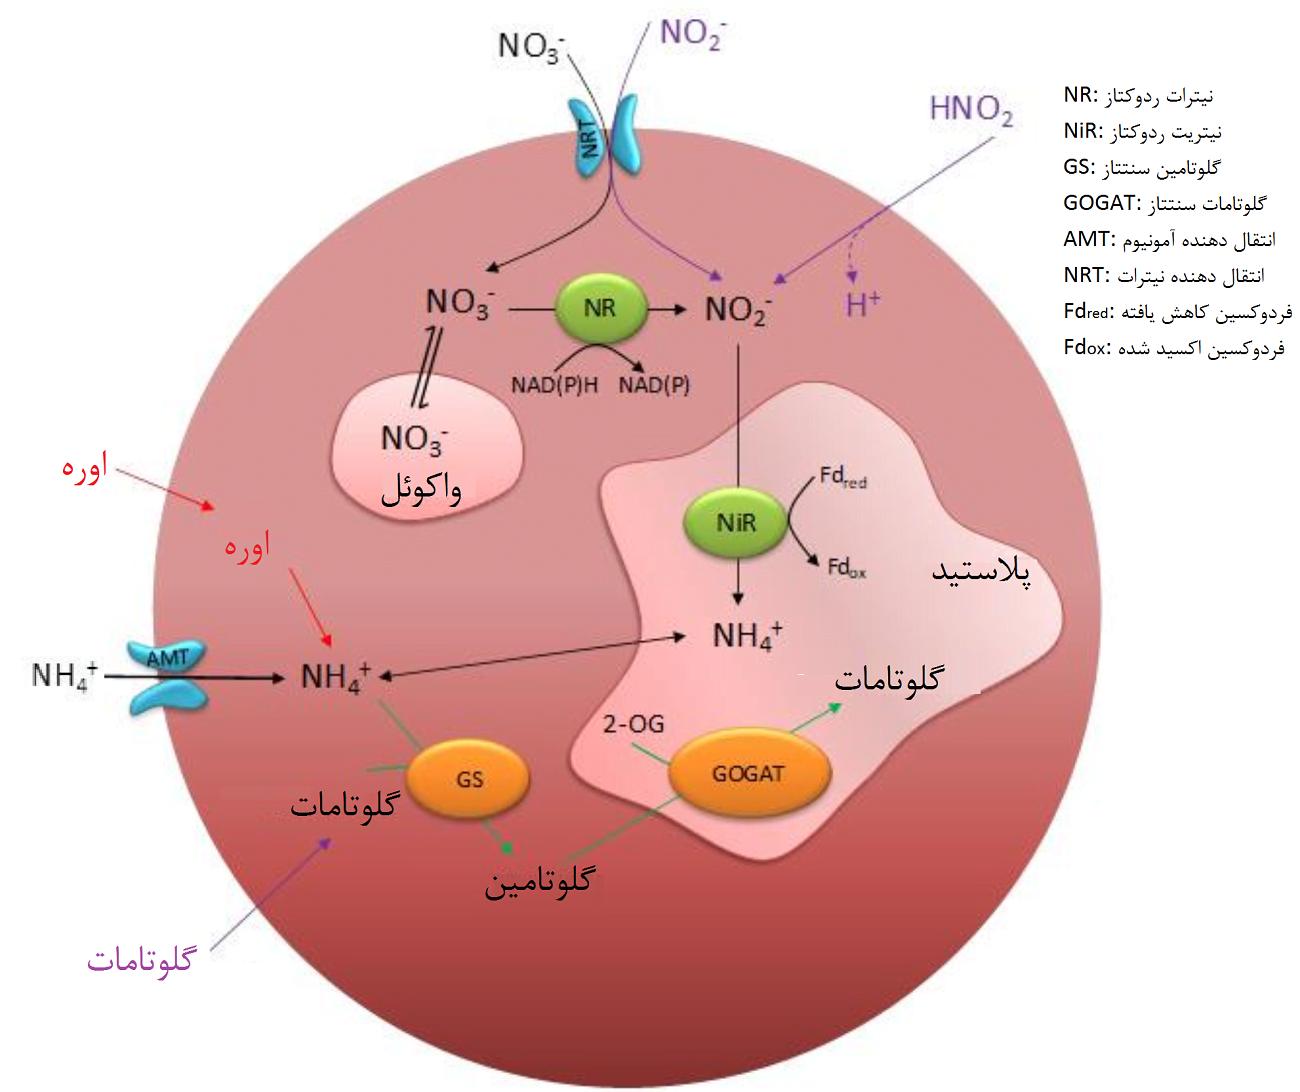 شکل 5- ساز و کار احتمالی جذب نیتروژن در ریزجلبکهای قرمز